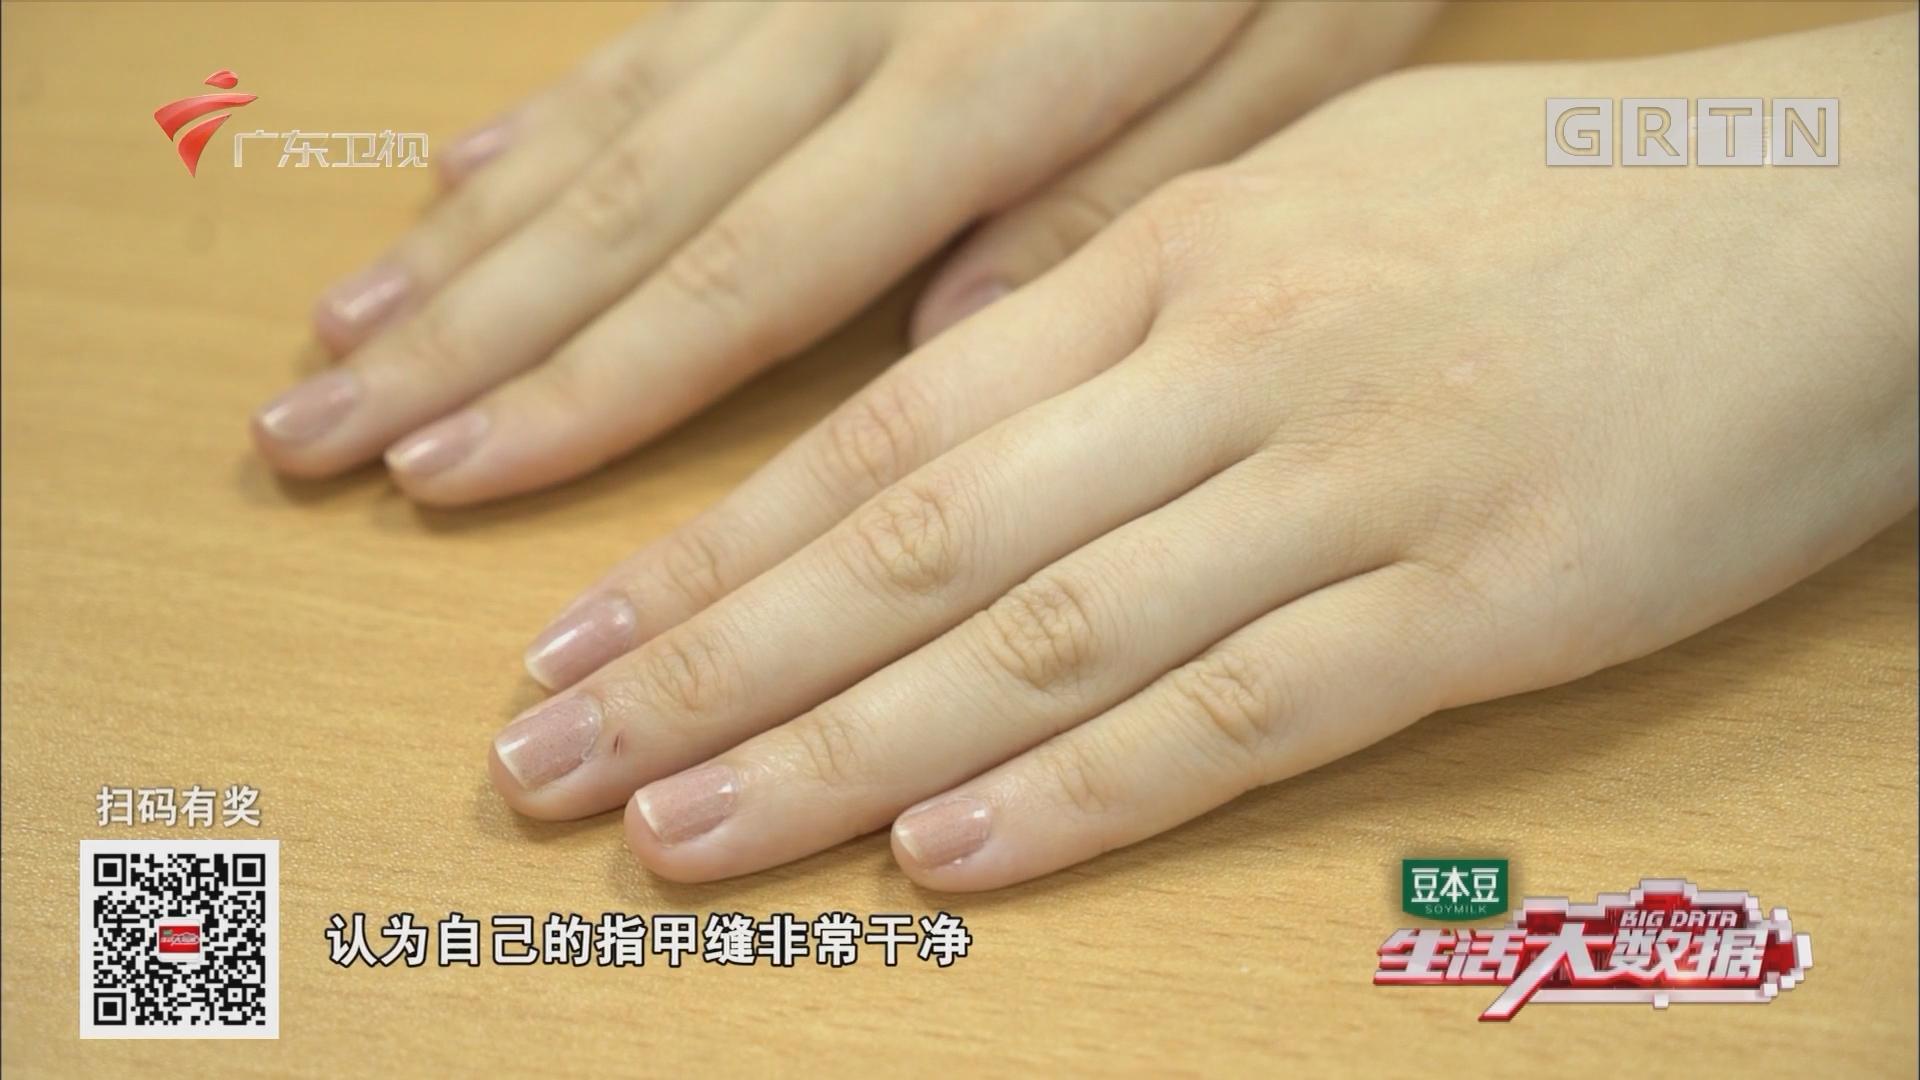 指甲缝藏有污垢